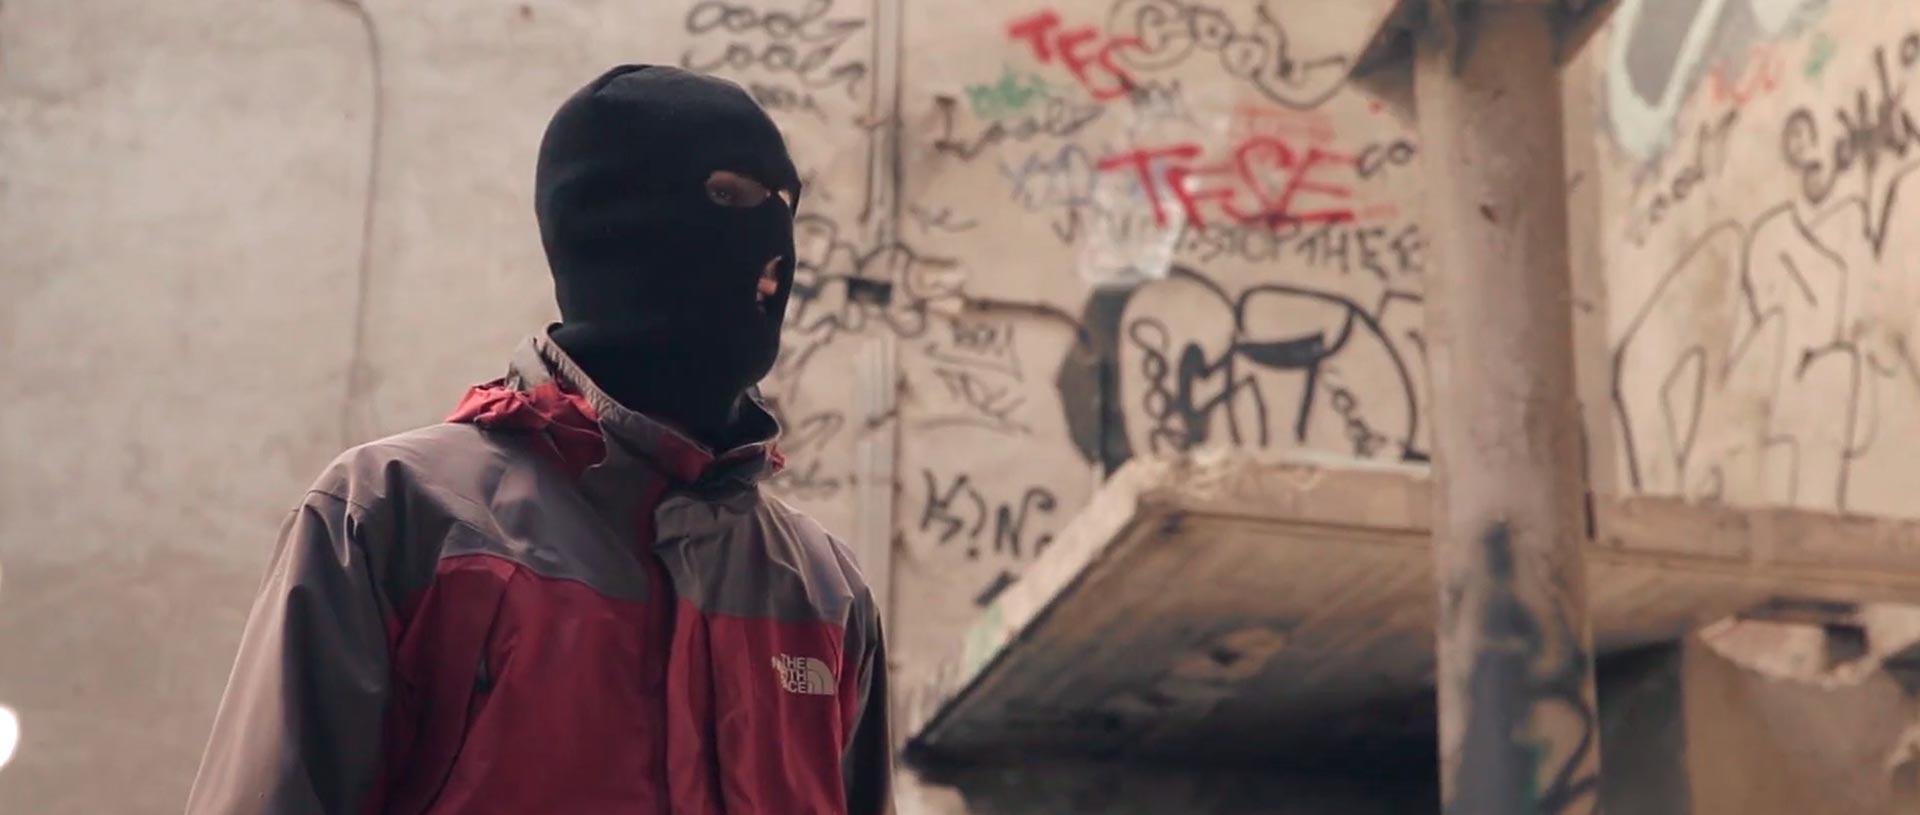 """Entrevista al graffitero """"Sabor"""" en Escenas del graffiti en Granada realizada por Ínsula Sur"""